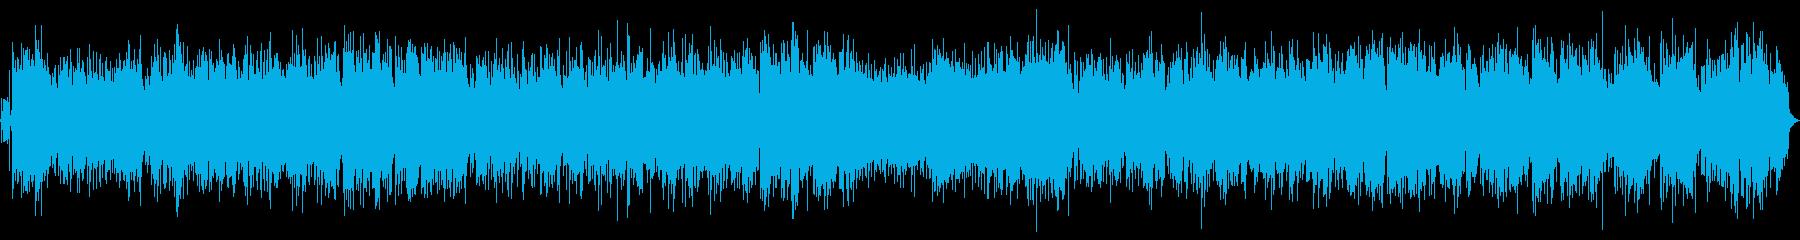 上京した時の気持ちを表現したポップソングの再生済みの波形